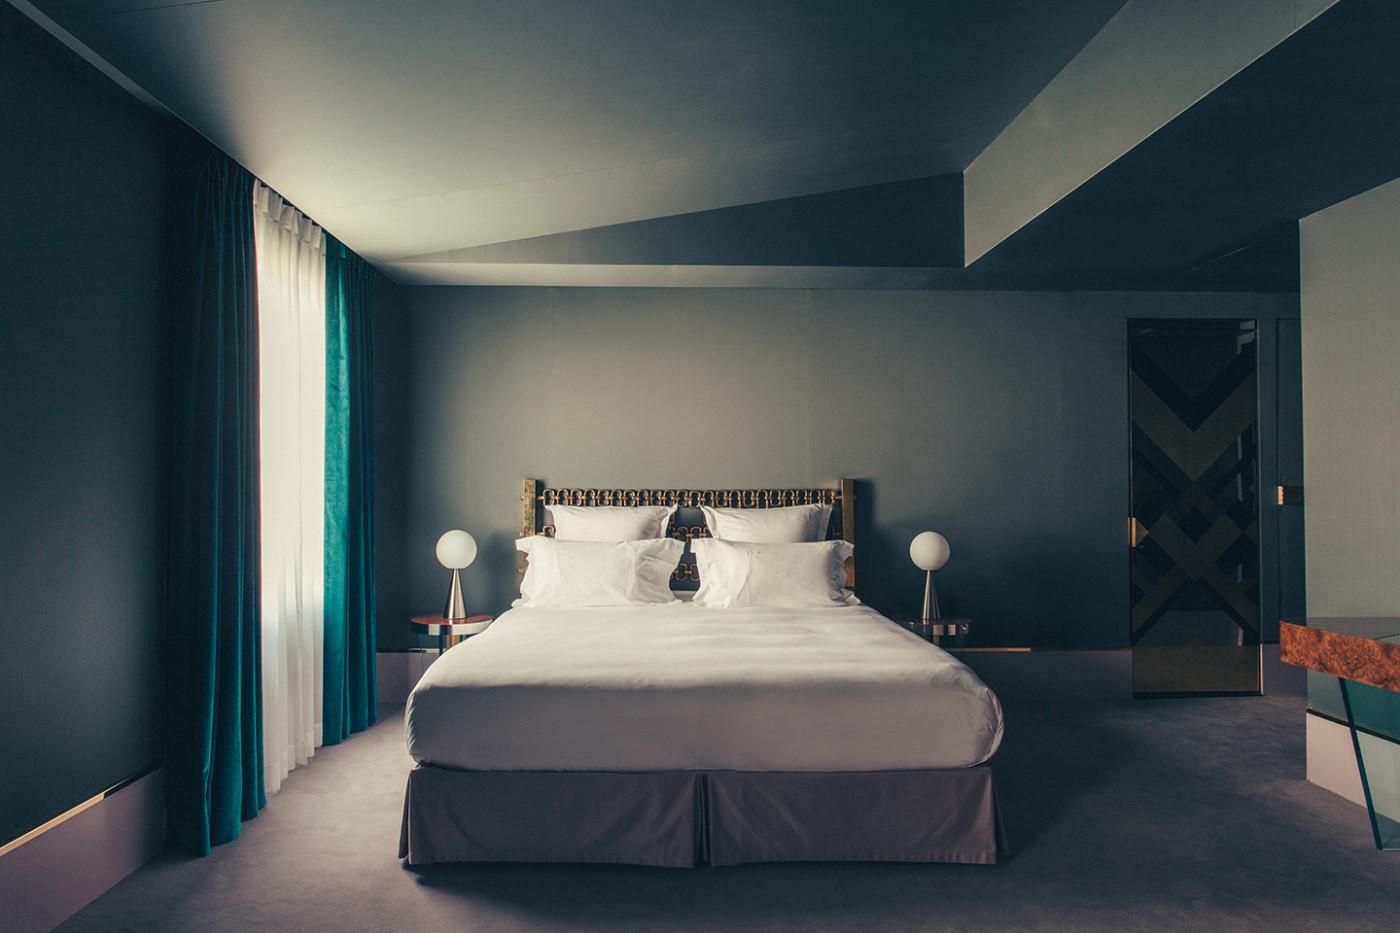 Hotel saint marc paris dimorestudio for Hotel design paris 9